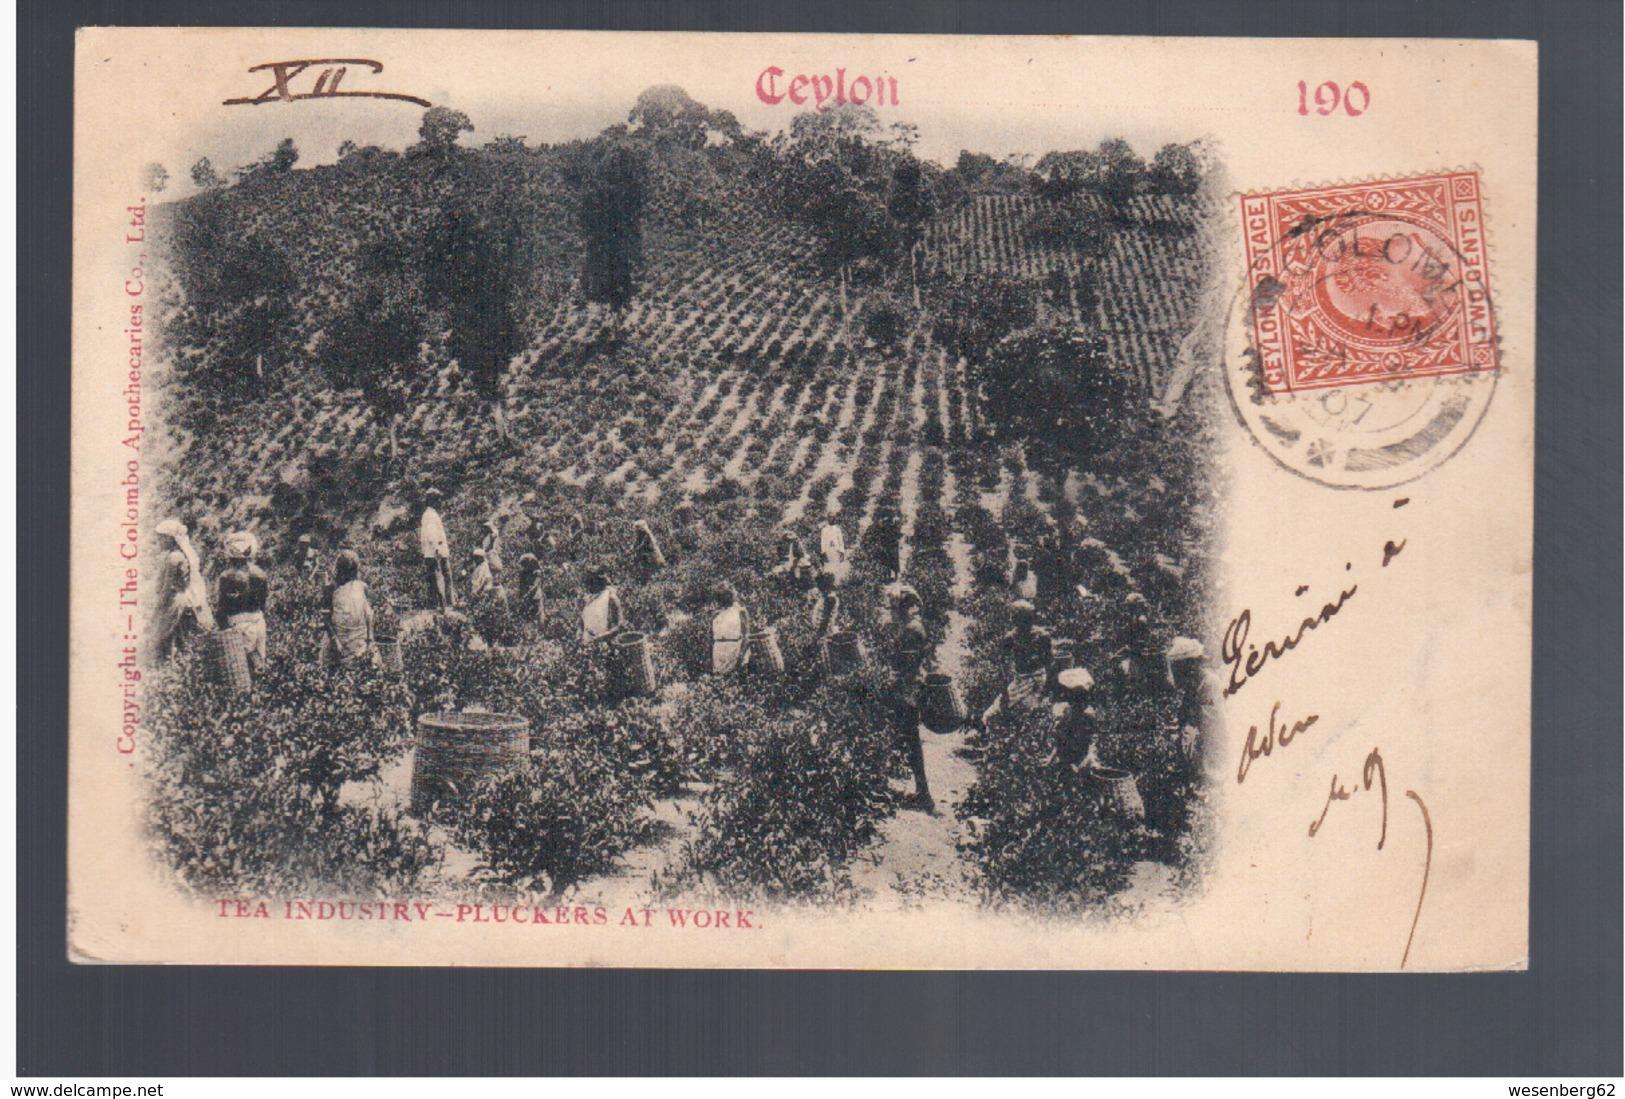 CEYLON Tea Industry - Pluckers At Work 1907 OLD POSTCARD - Sri Lanka (Ceylon)